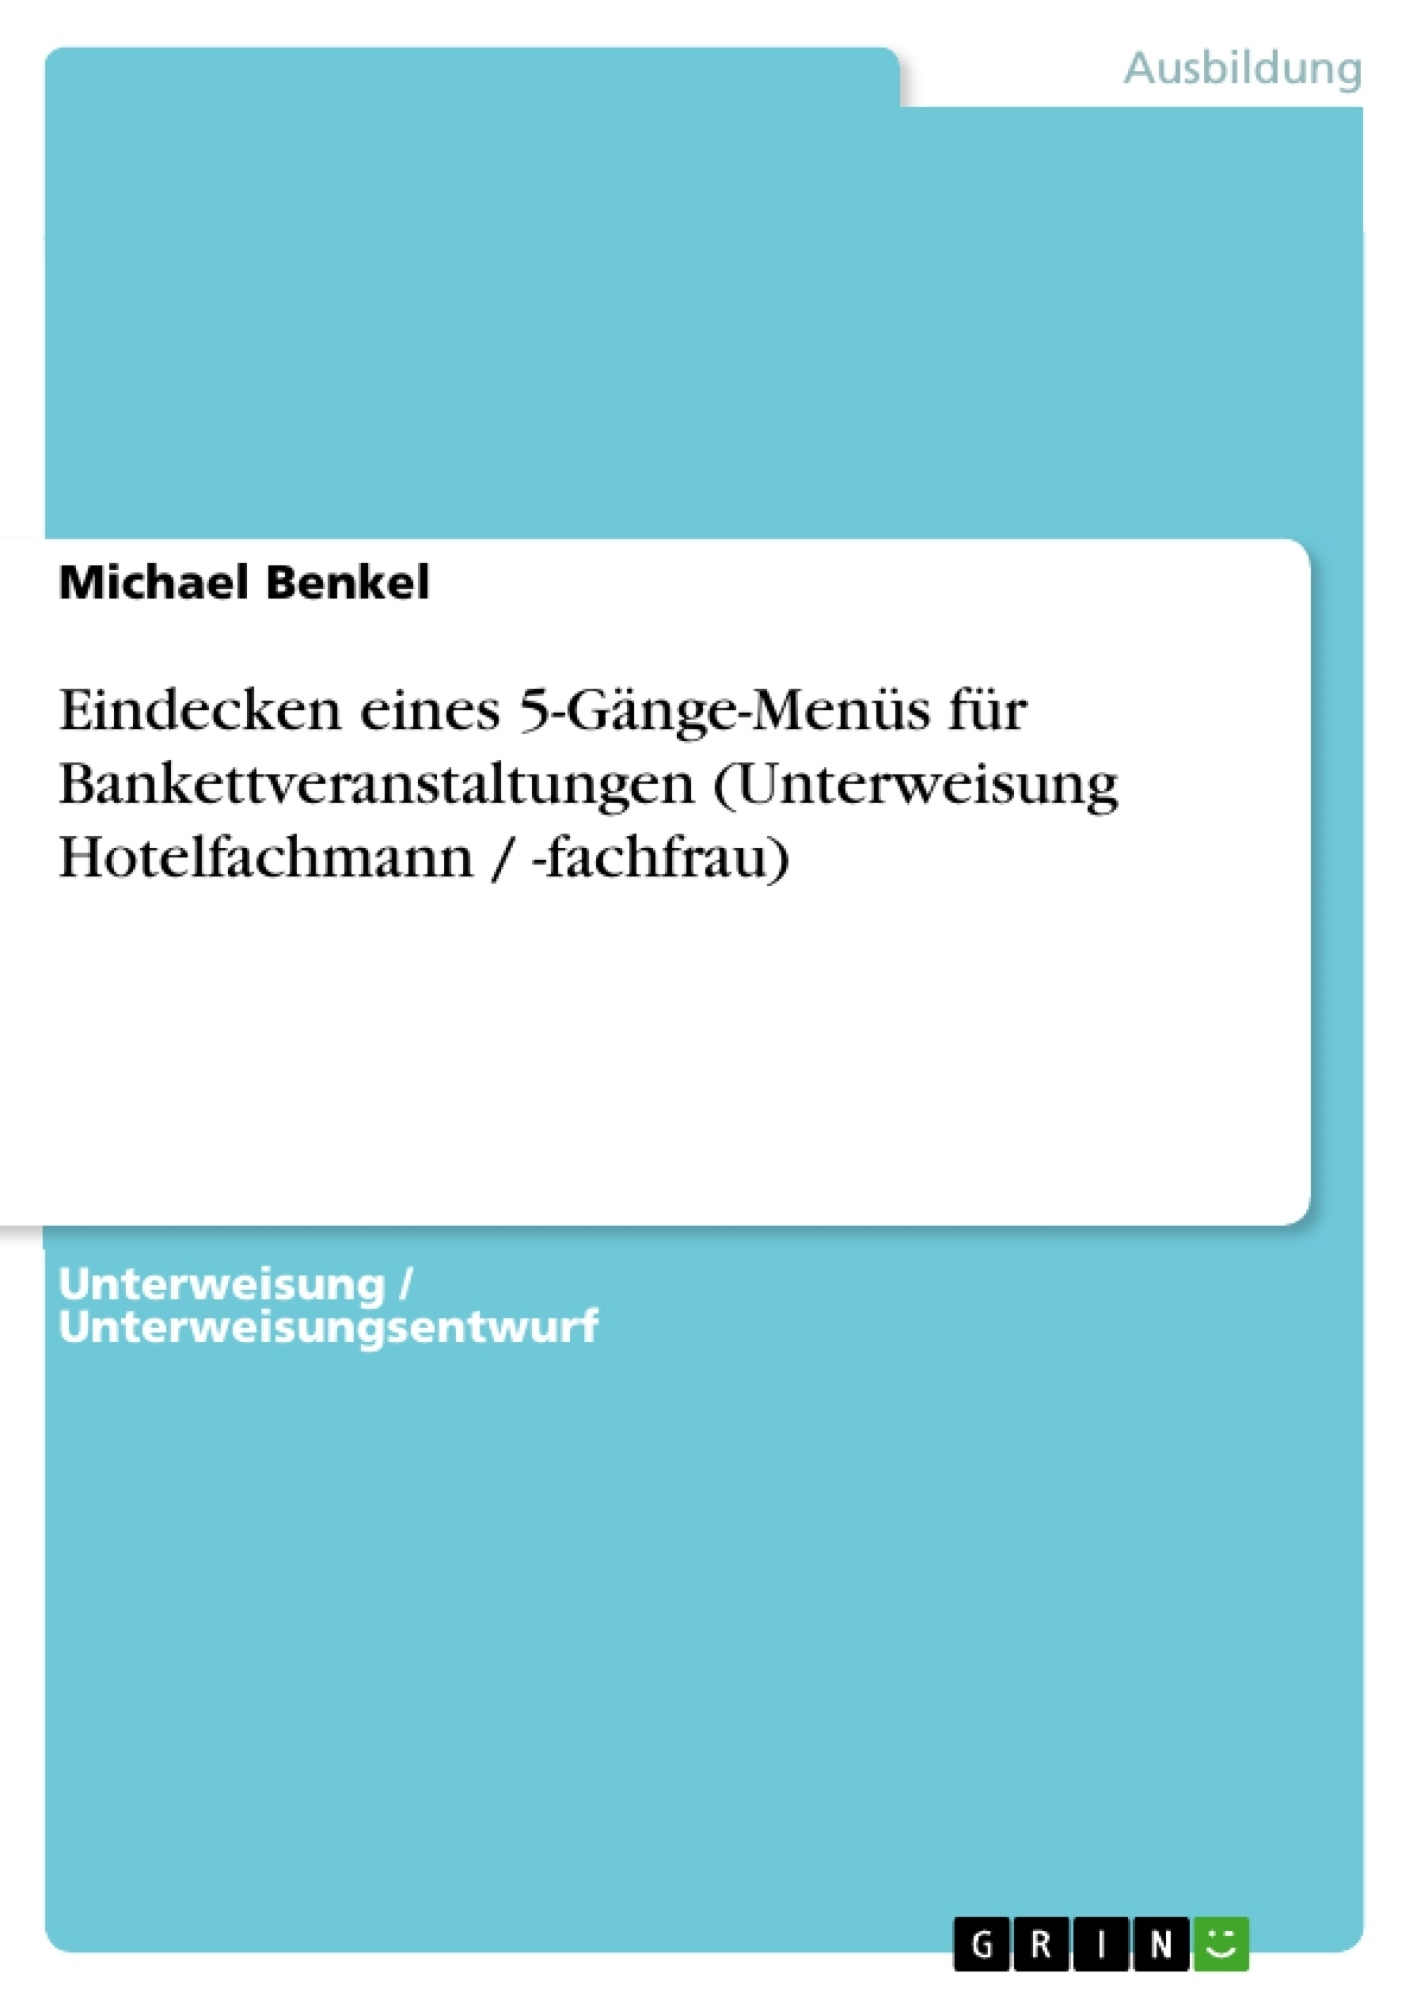 Titel: Eindecken eines 5-Gänge-Menüs für Bankettveranstaltungen (Unterweisung Hotelfachmann / -fachfrau)